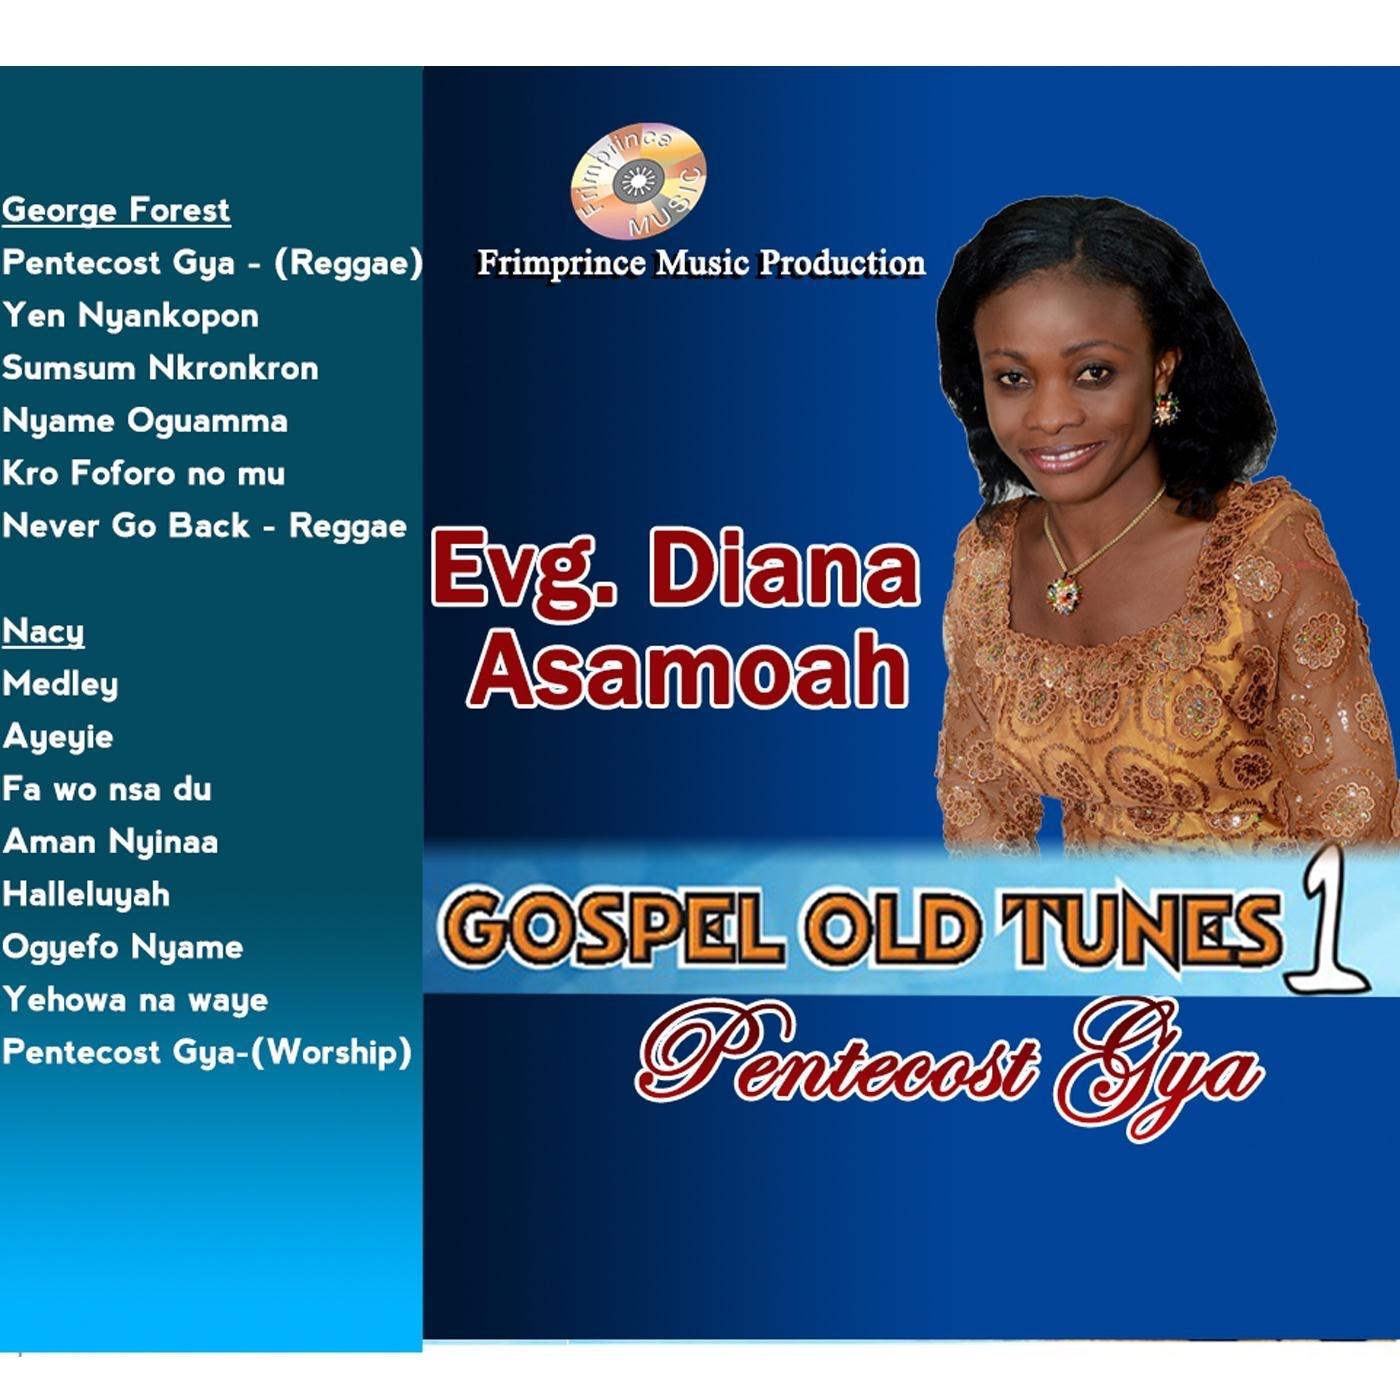 Gospel Old Tunes, Vol. 1: V Pentecost Gya